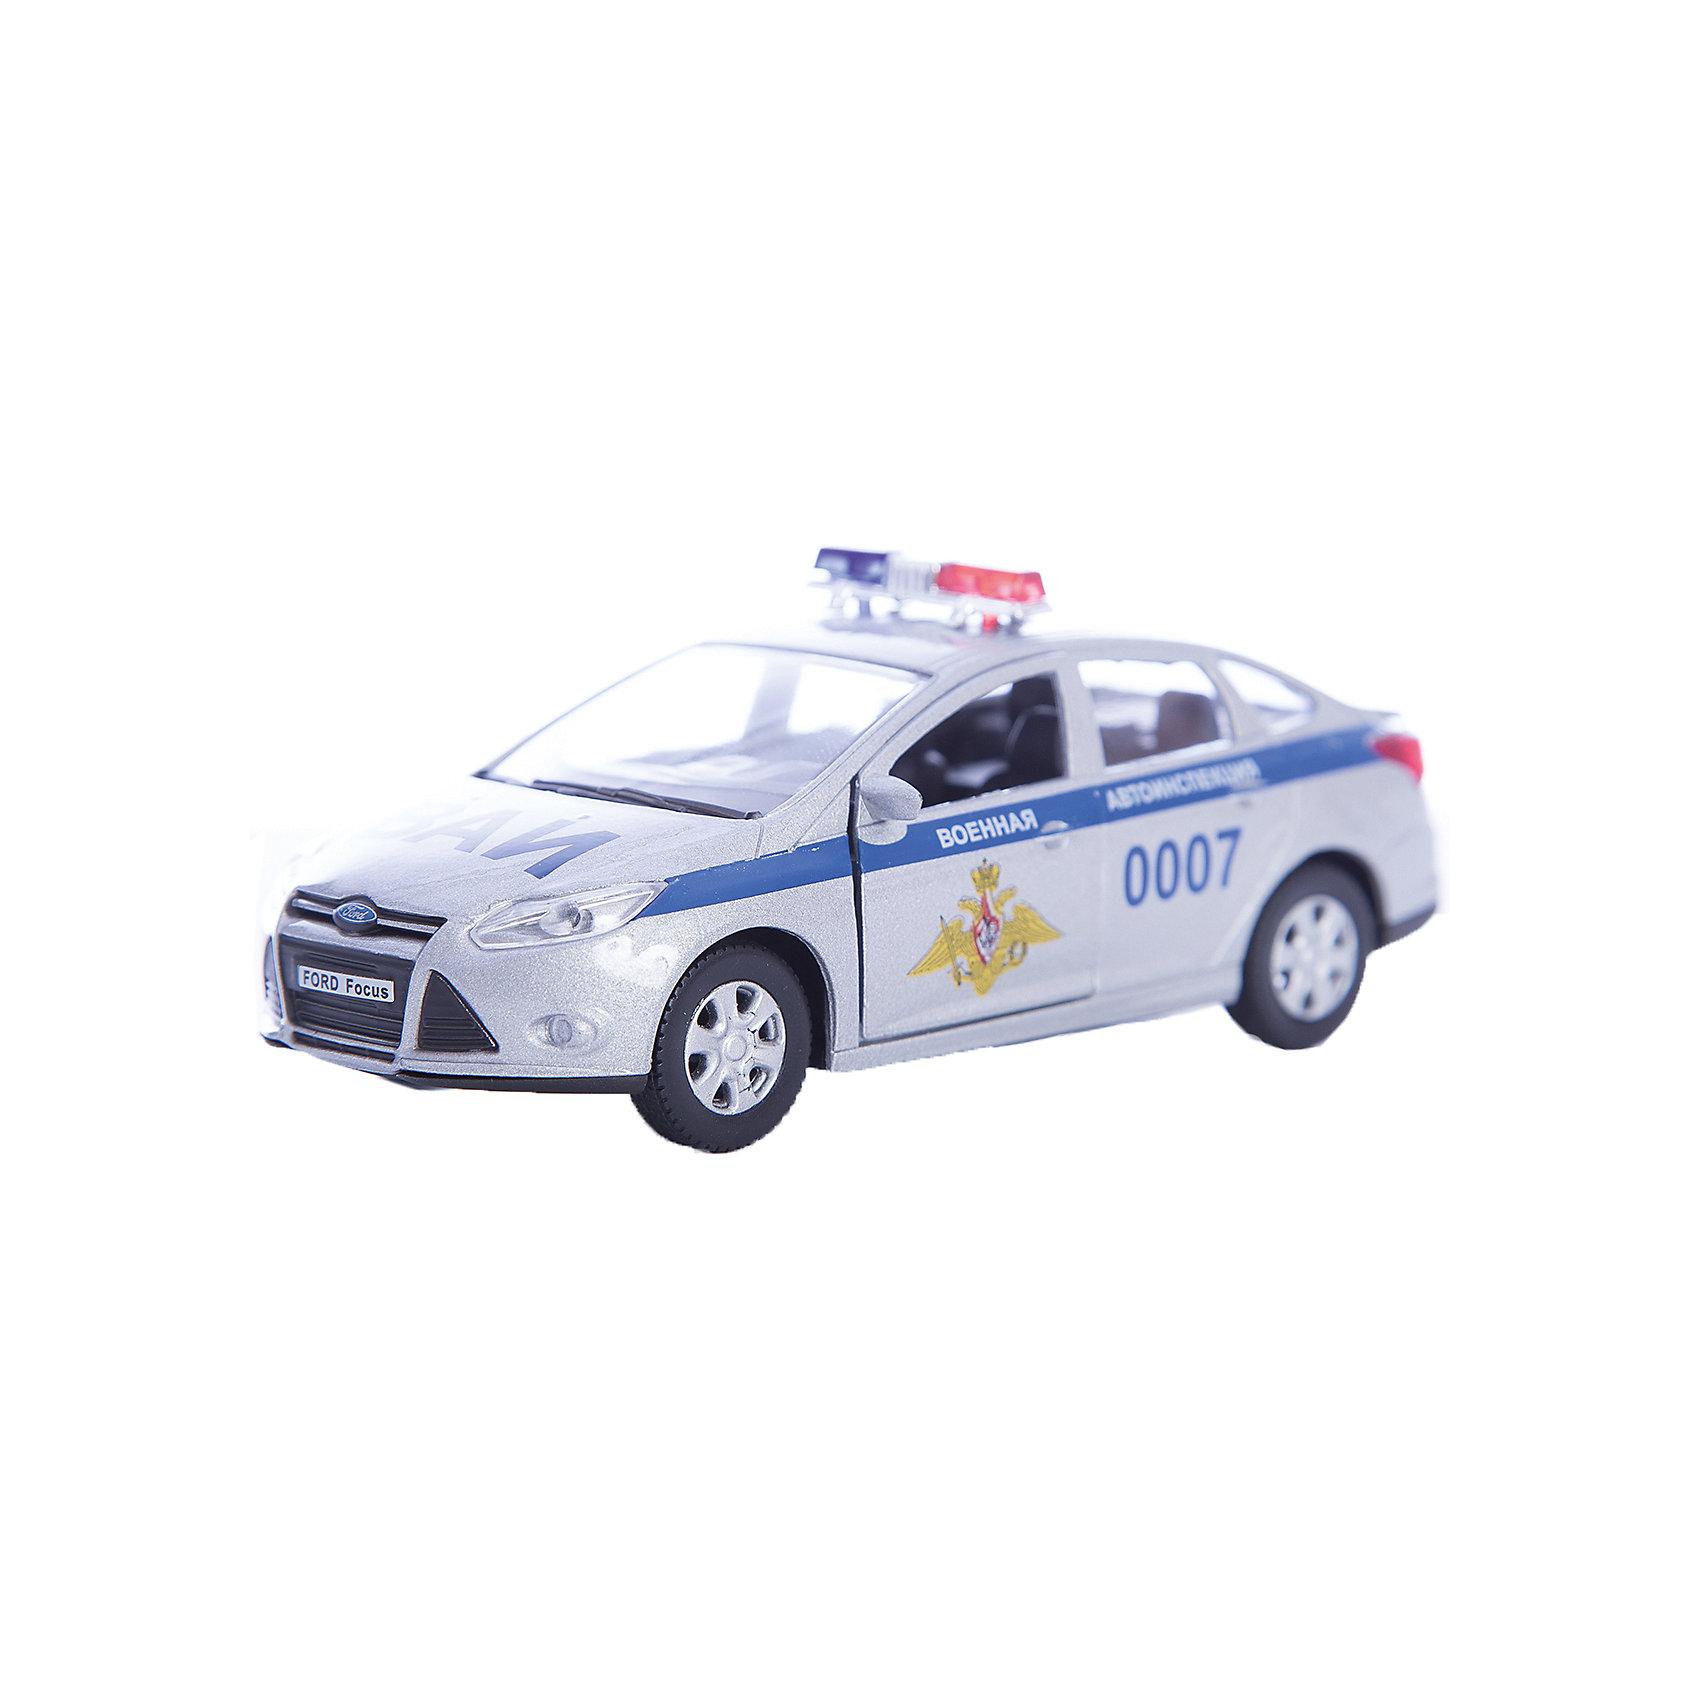 Машинка Ford Focus ВАИ 1:36, AutotimeМашинки<br>Машинка Ford Focus ВАИ 1:36, Autotime (Автотайм).<br><br>Характеристики:<br><br>• Масштаб 1:36<br>• Материал: металл, пластик<br>• Цвет: серебристый<br>• Упаковка: картонная коробка блистерного типа<br>• Размер упаковки: 16,5x5,7x7,2 см.<br><br>Машинка Ford Focus ВАИ от Autotime (Автотайм) является уменьшенной копией автомобиля Военной автомобильной инспекции Вооруженных Сил Российской Федерации. Модель с символикой Военной автомобильной инспекции, оборудованная красно-синими спецсигналами на крыше, отличается высокой степенью детализации. Корпус машинки изготовлен из металла, а все дополнительные элементы из пластика. Передние двери открываются, что позволяет рассмотреть салон изнутри в деталях. Машинка оснащена инерционным механизмом. Машинка Ford Focus ВАИ станет хорошим подарком и ребенку, и коллекционеру моделей автомобилей.<br><br>Машинку Ford Focus ВАИ 1:36, Autotime (Автотайм) можно купить в нашем интернет-магазине.<br><br>Ширина мм: 165<br>Глубина мм: 57<br>Высота мм: 75<br>Вес г: 13<br>Возраст от месяцев: 36<br>Возраст до месяцев: 2147483647<br>Пол: Мужской<br>Возраст: Детский<br>SKU: 5583865